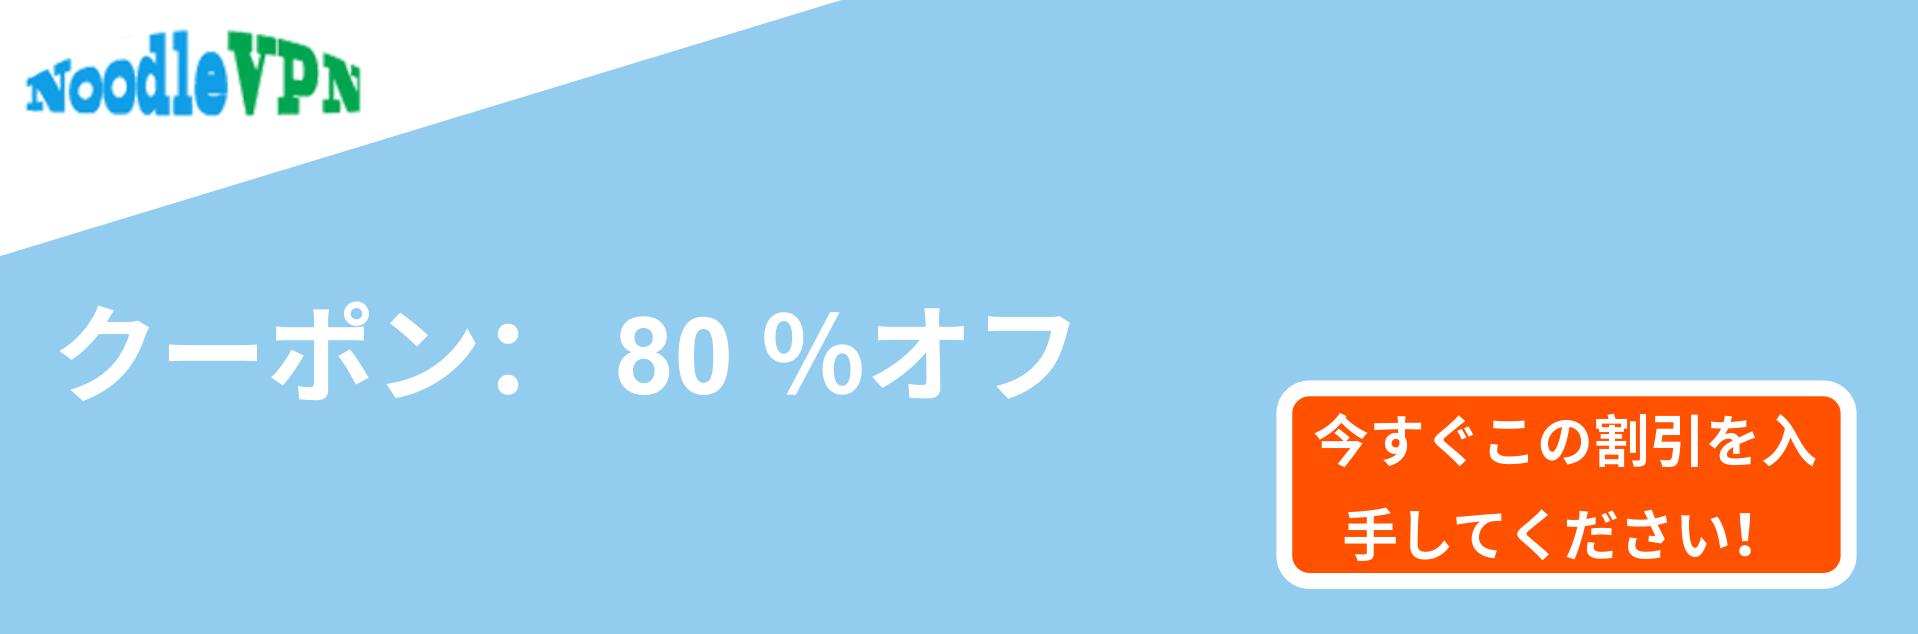 NoodleVPNクーポンバナー-80%オフ